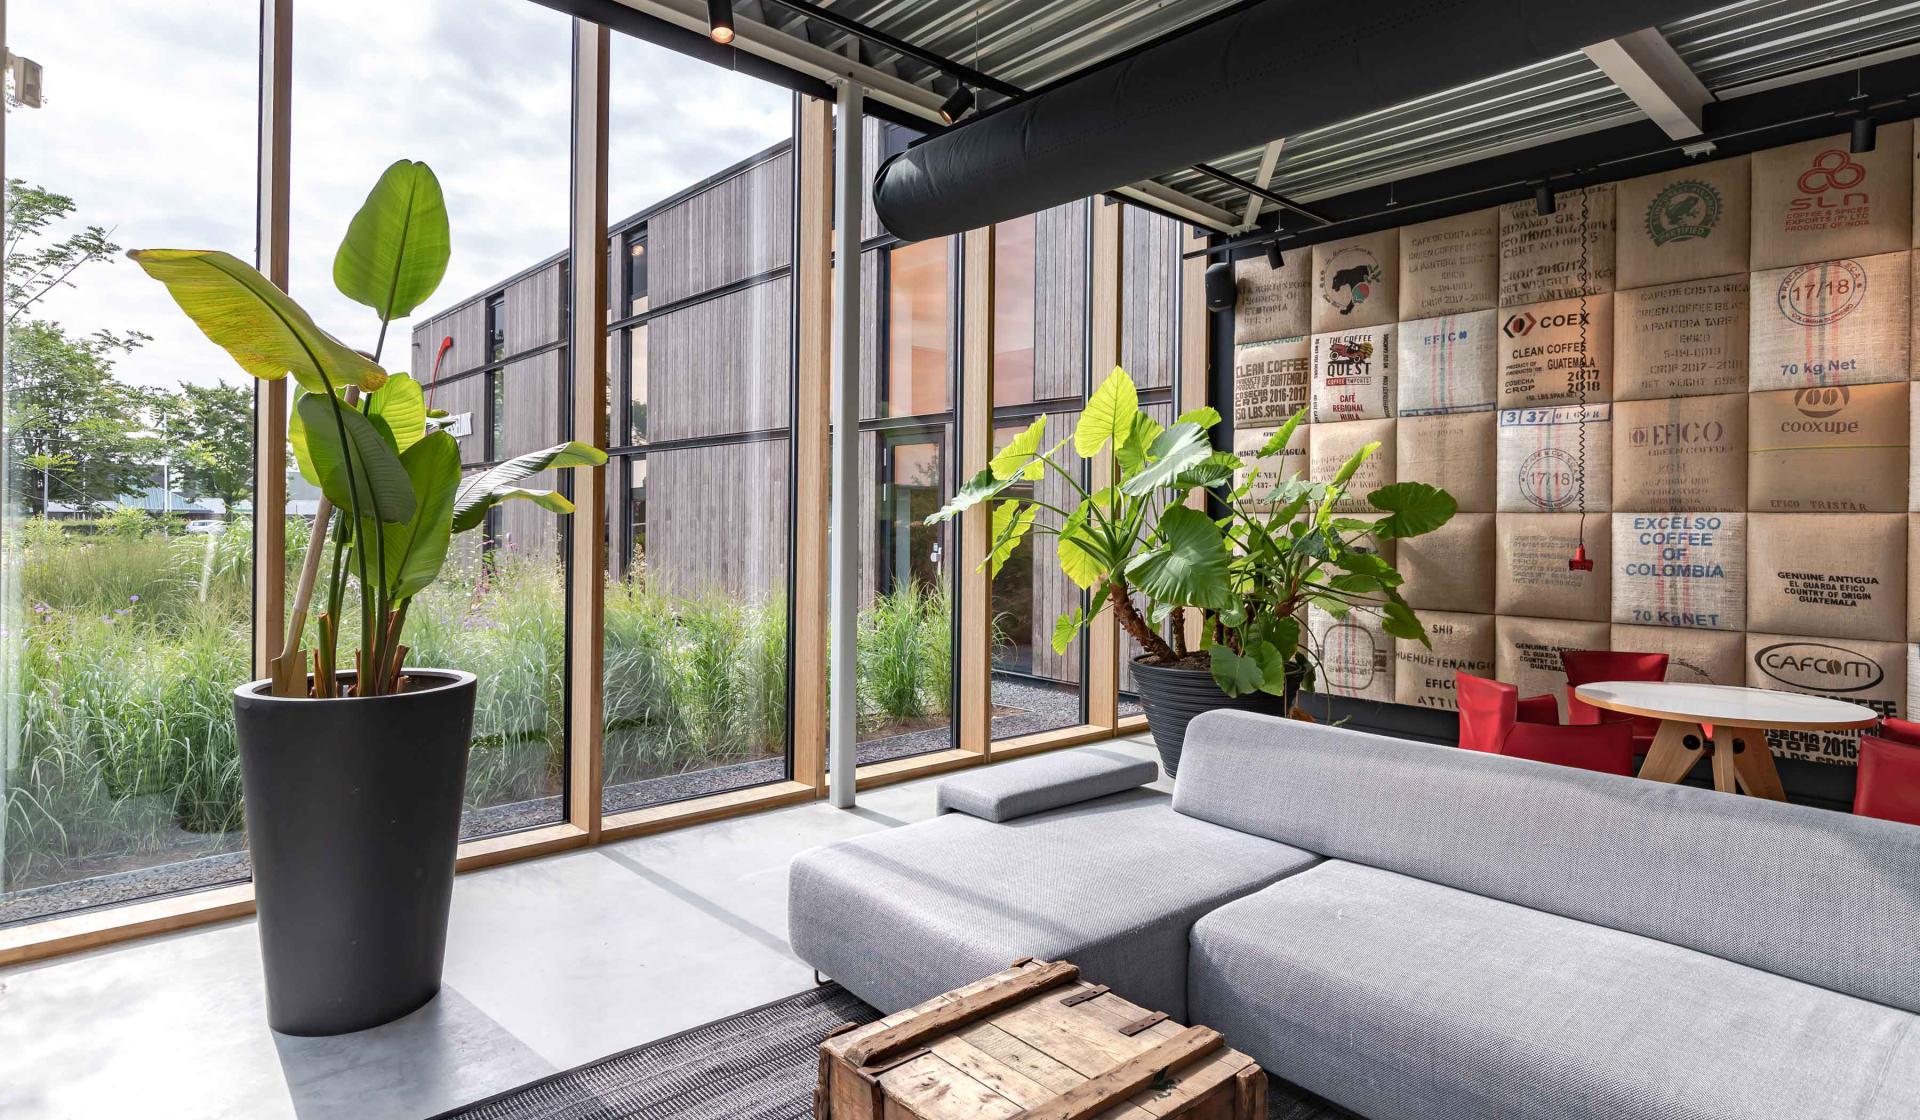 Lounge Hesselink Koffie Winterswijk